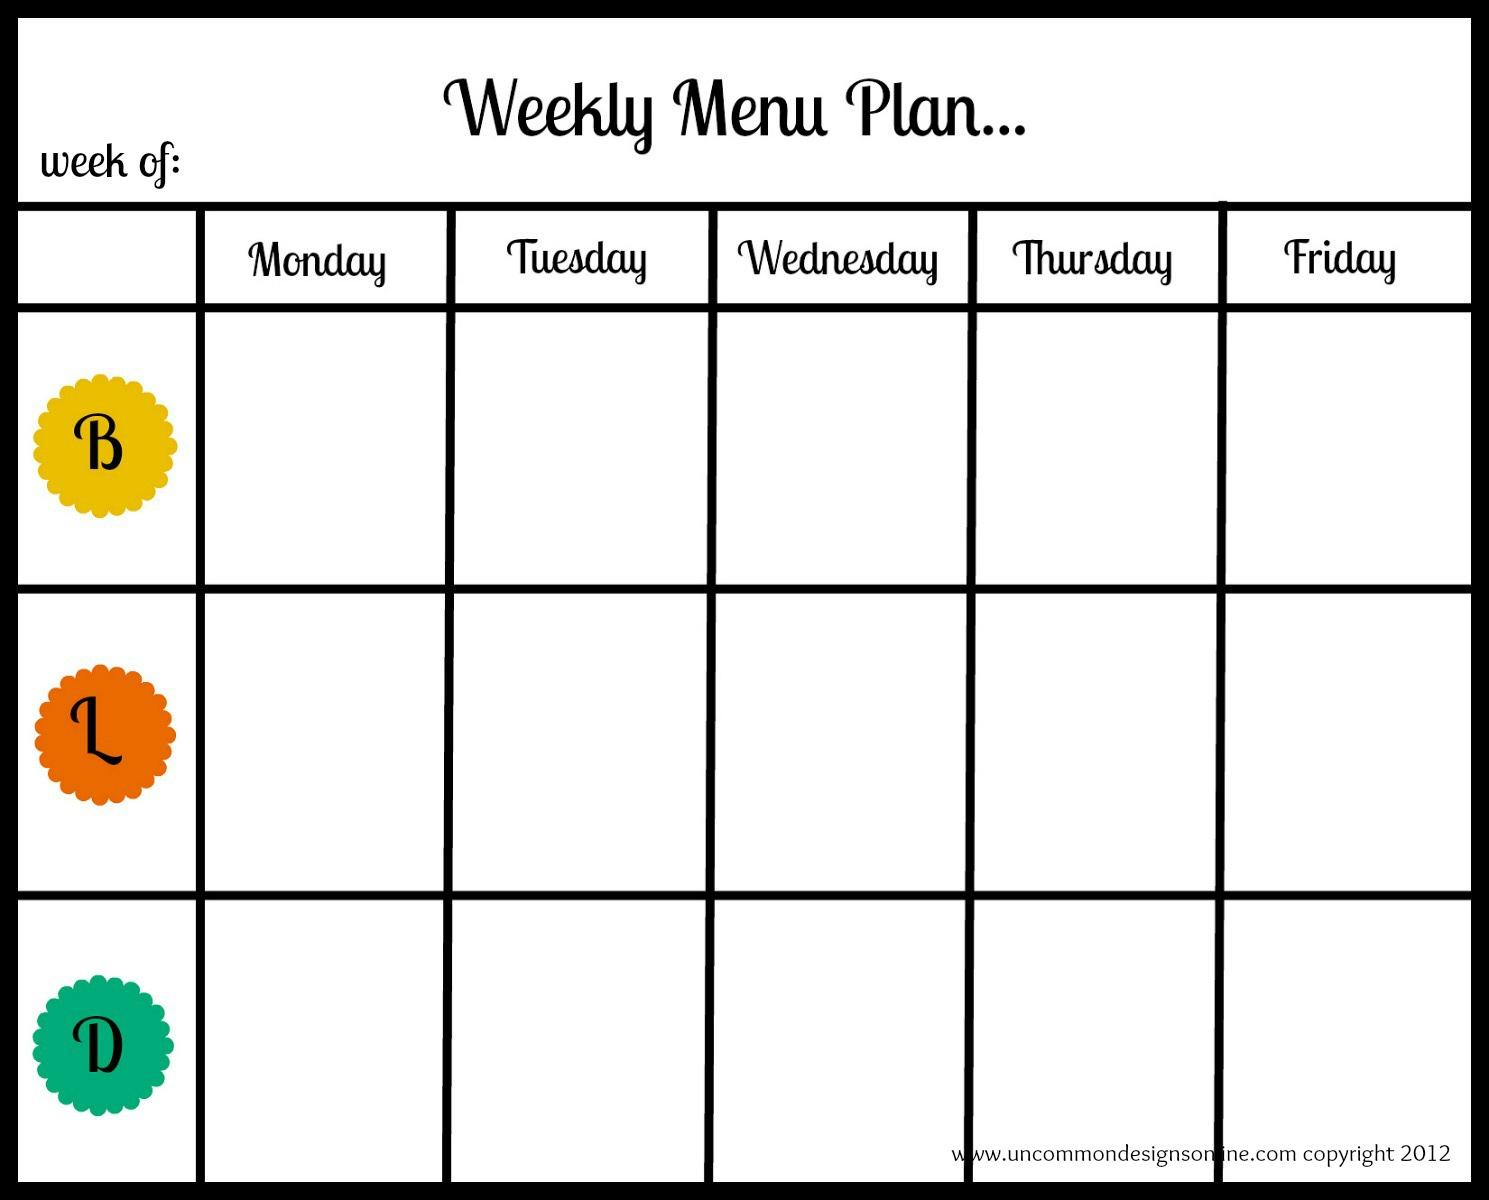 Weekly Menu Plan Uncommon - Một giải pháp hoàn toàn mới giúp bạn lên thực đơn bữa ăn để cắt giảm chi tiêu